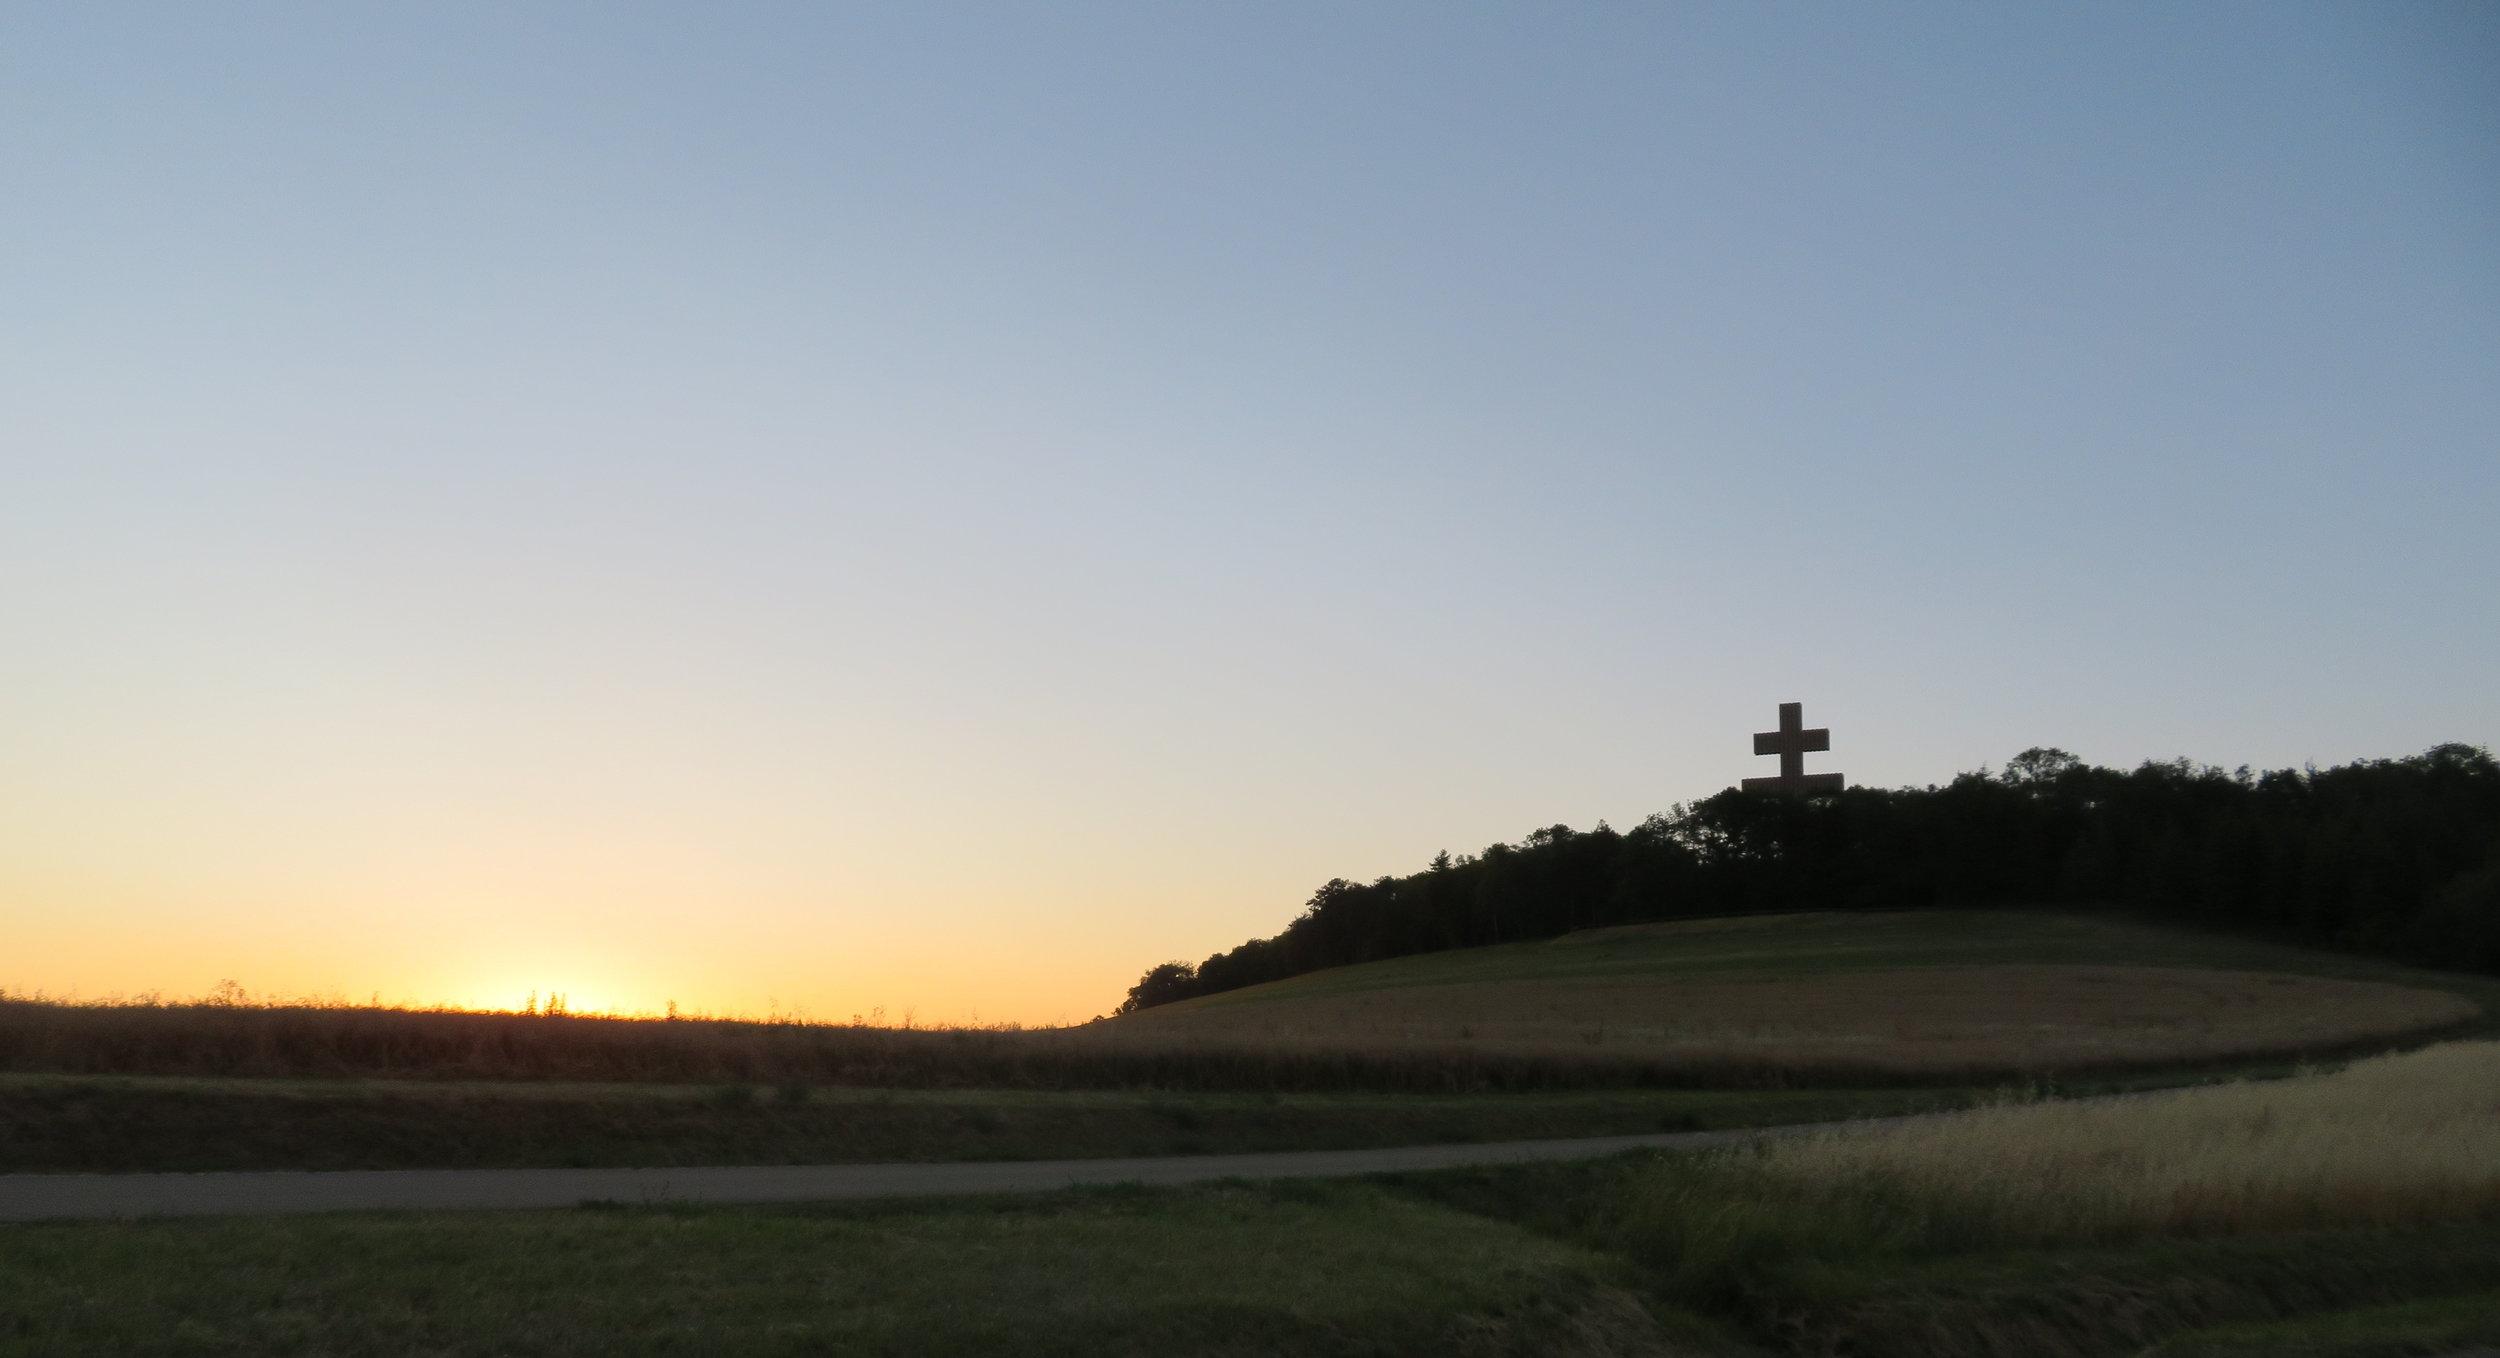 DeGaulle's Lorraine Cross memorial at sunrise